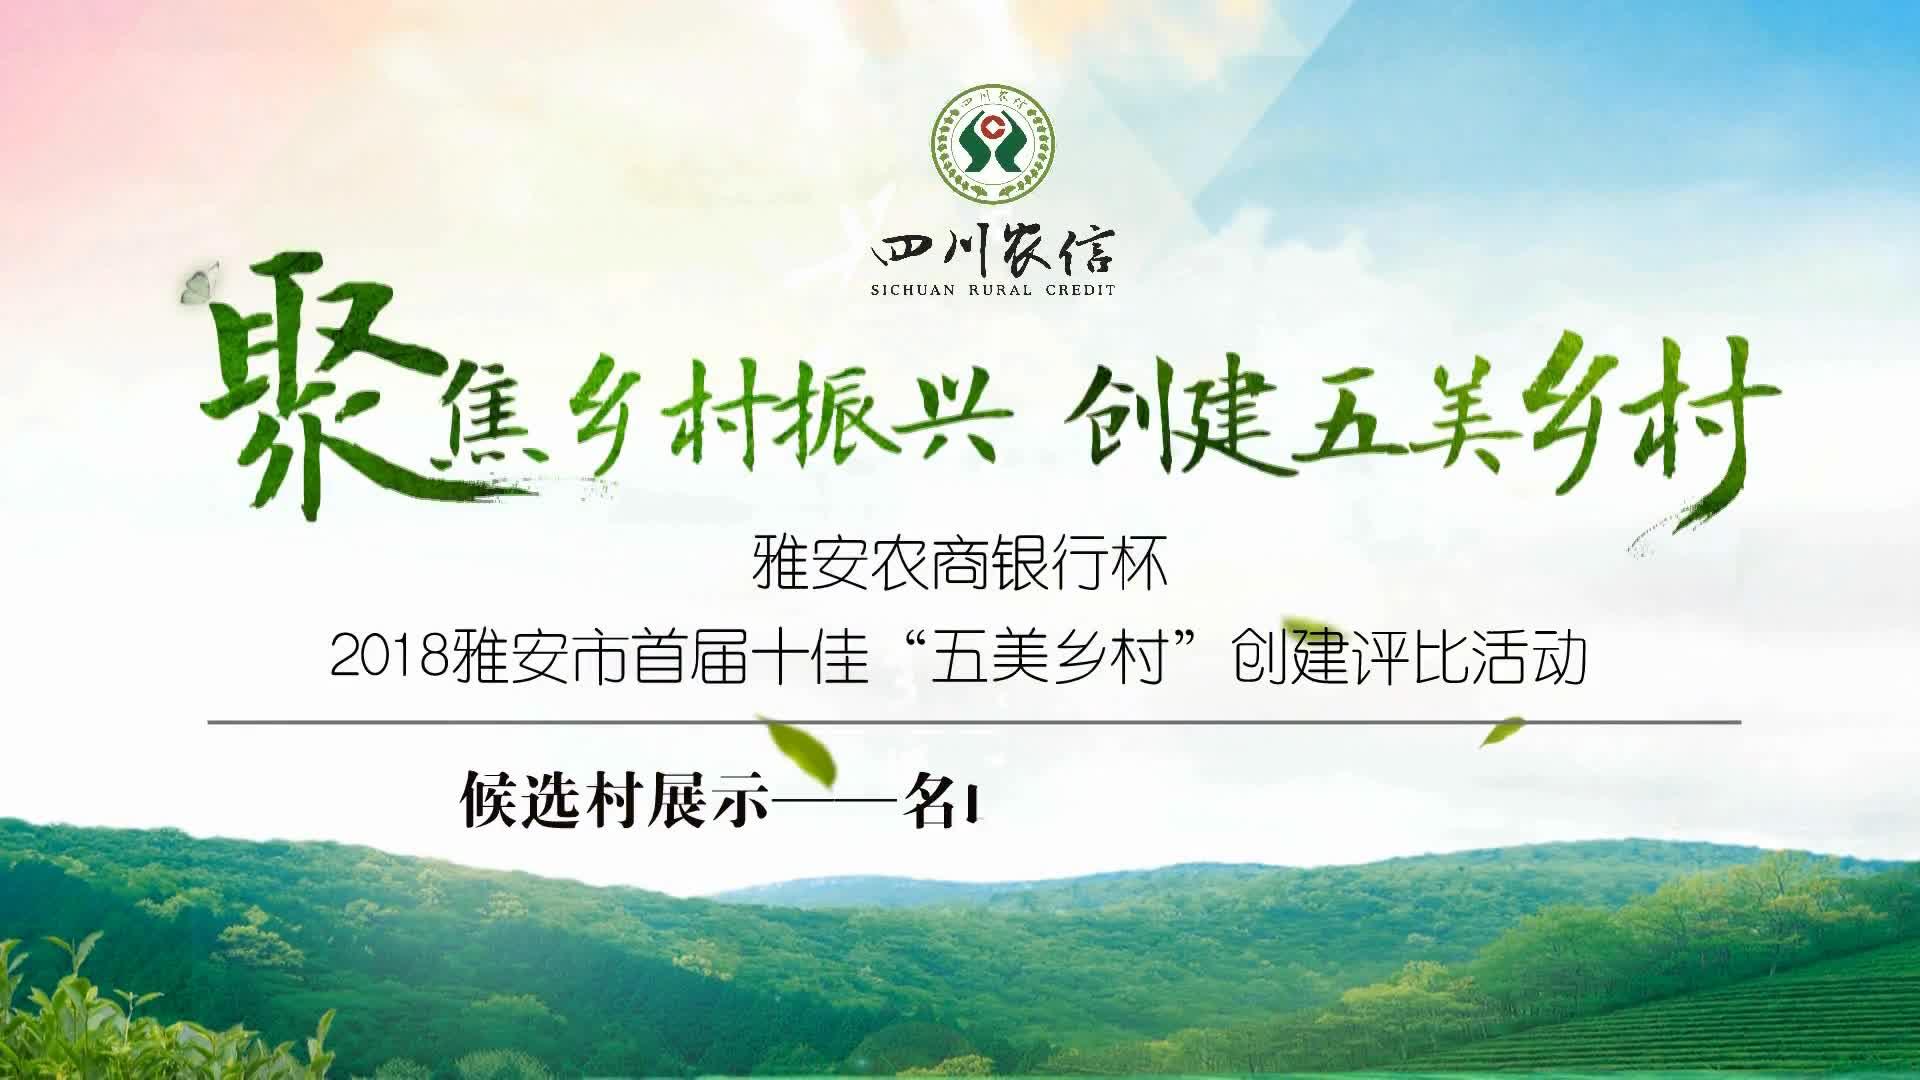 名山区红星镇天王村